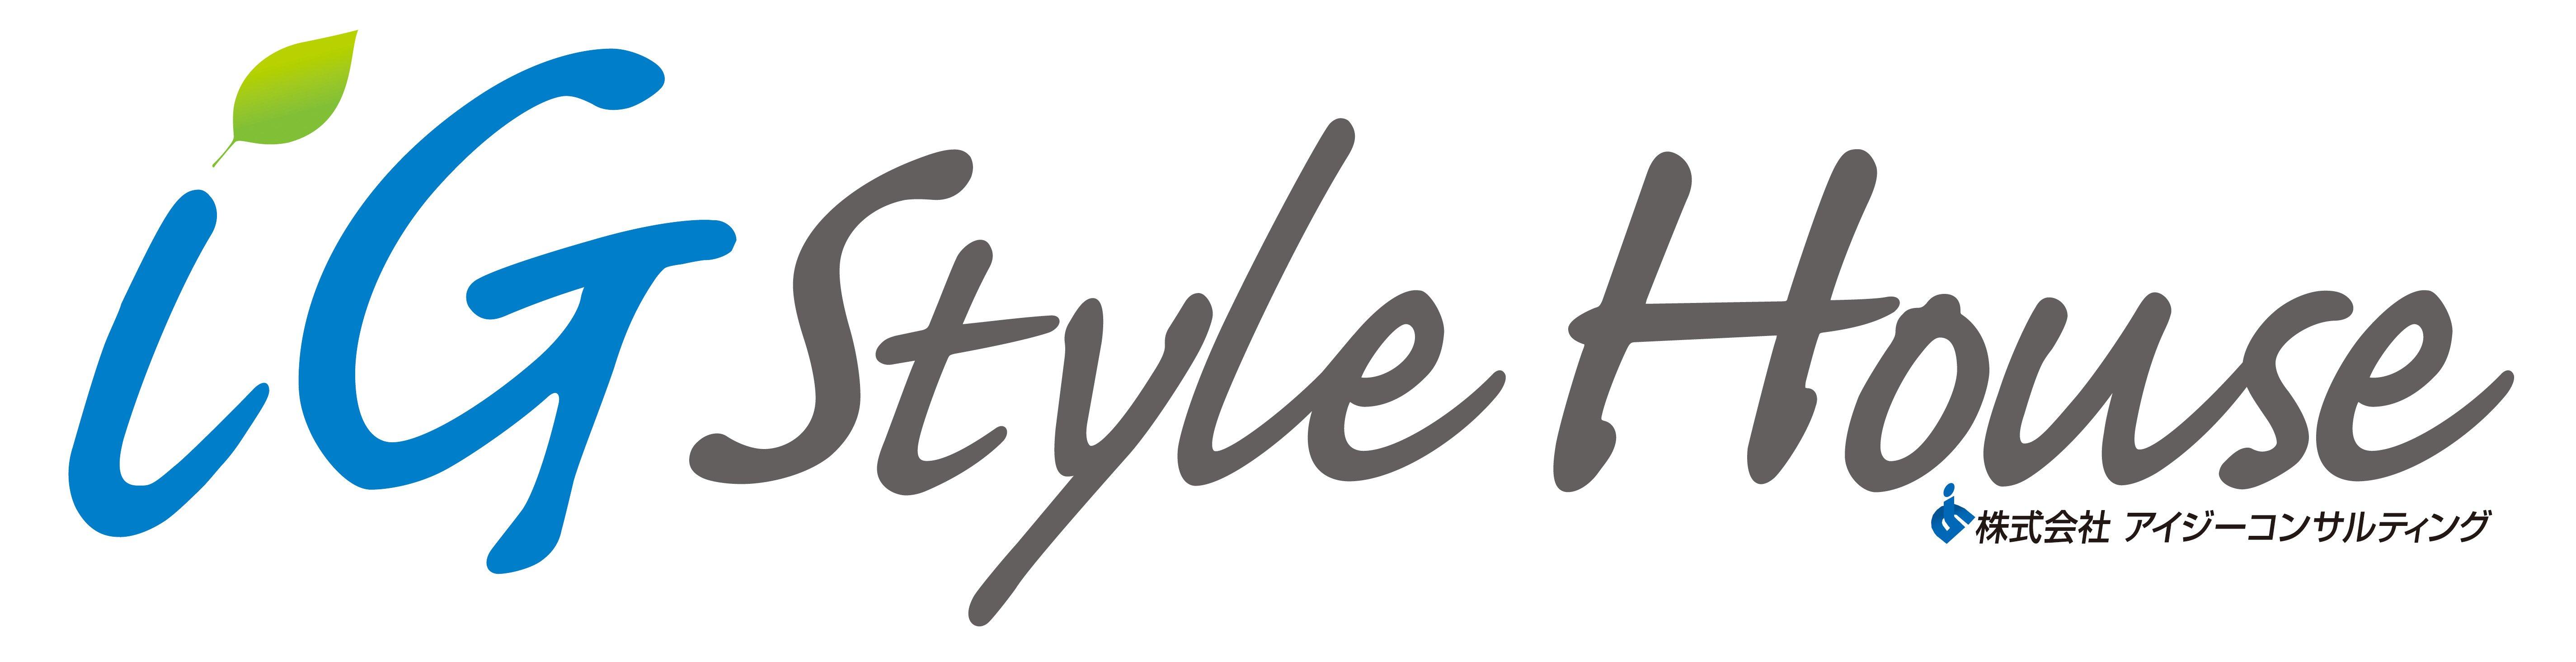 IGStyleHouse_logo